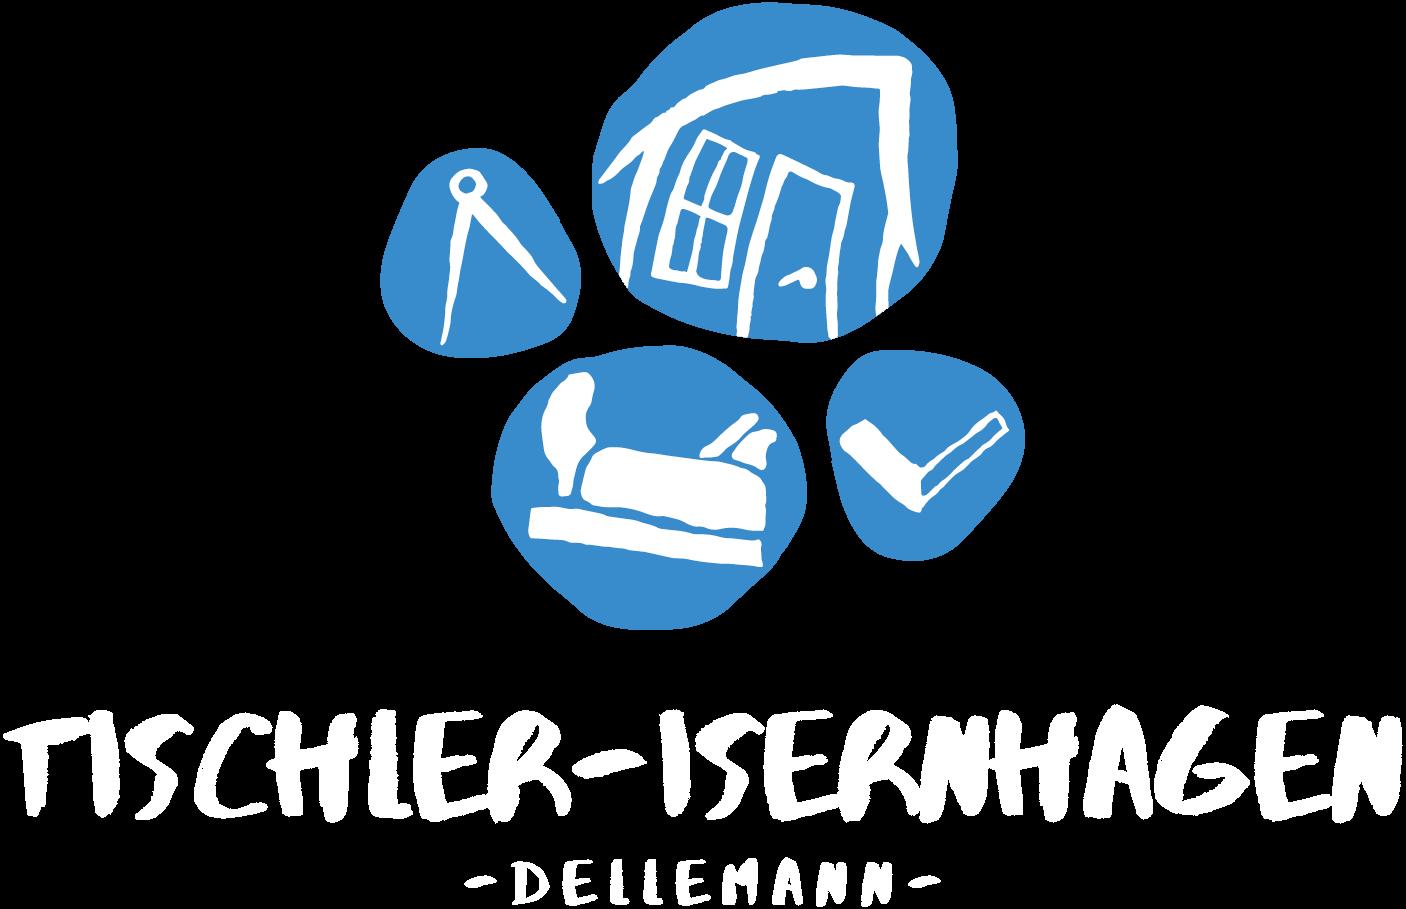 Tischler Isernhagen Marcus Dellemann Logo